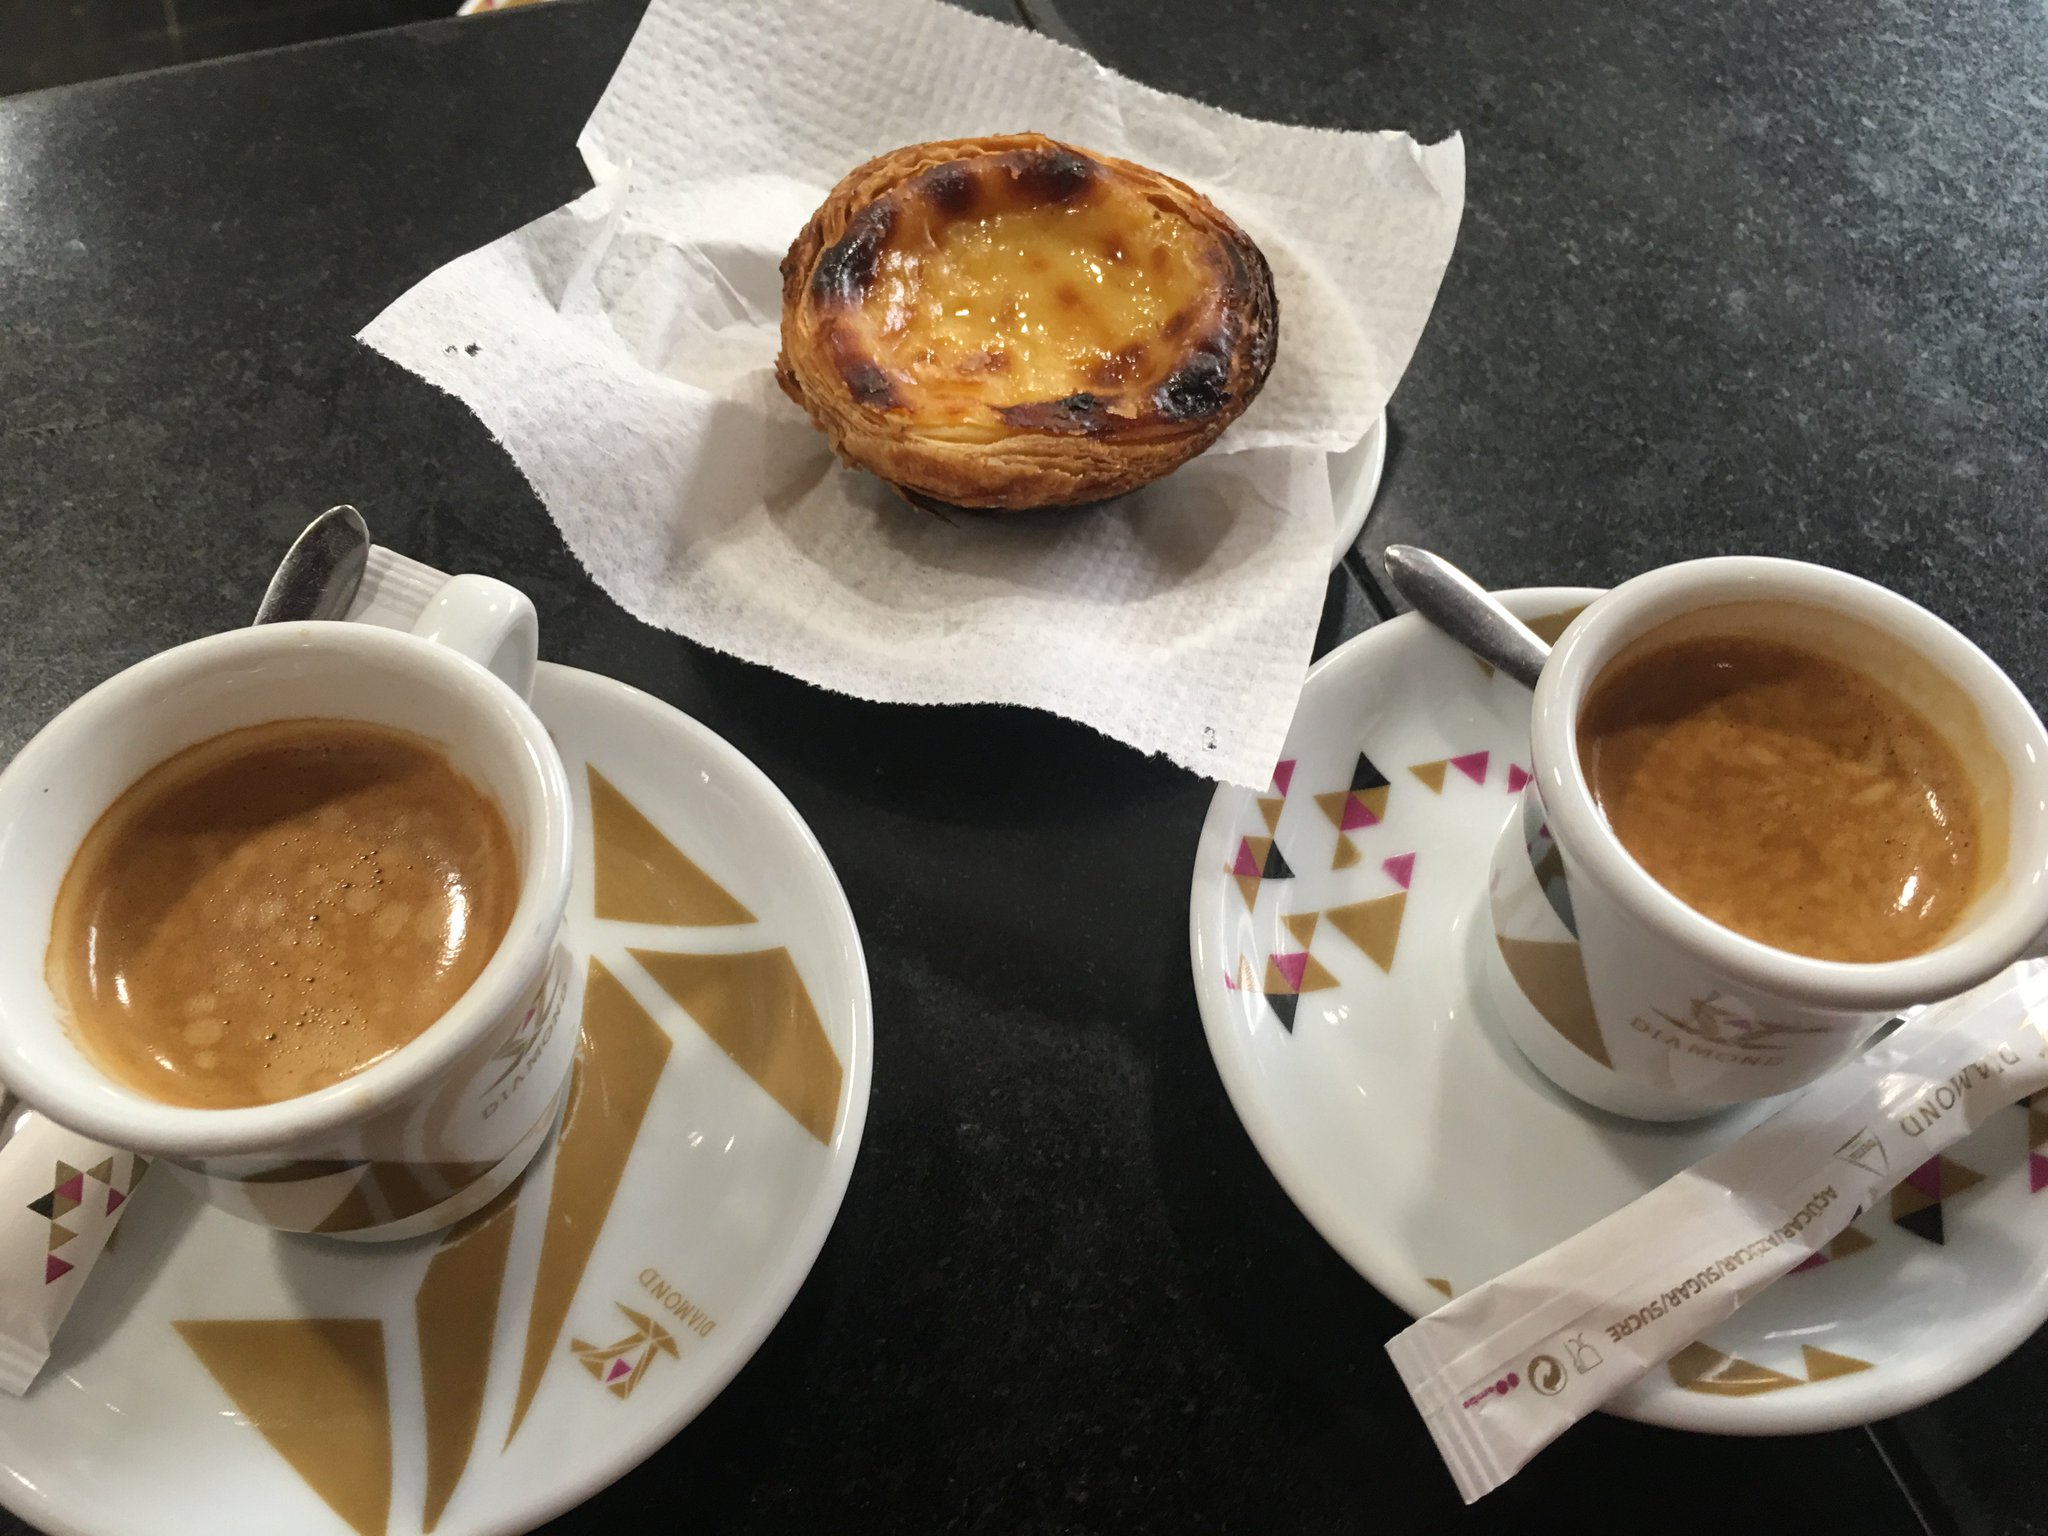 Kleine Pause in Beja. Supermarkt, Friseur und Autowerkstatt haben geöffnet… #olimarreisen #meurers https://t.co/L0ErG7Gune